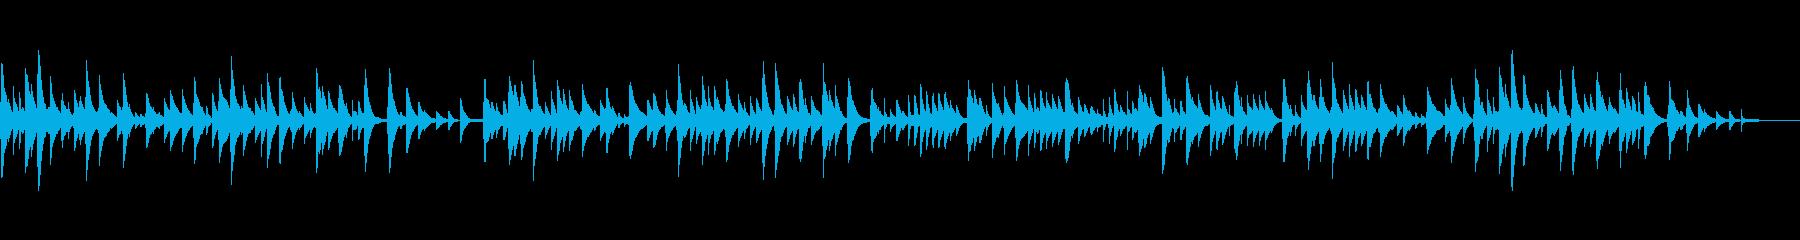 やさしいあたたかいオルゴール07の再生済みの波形